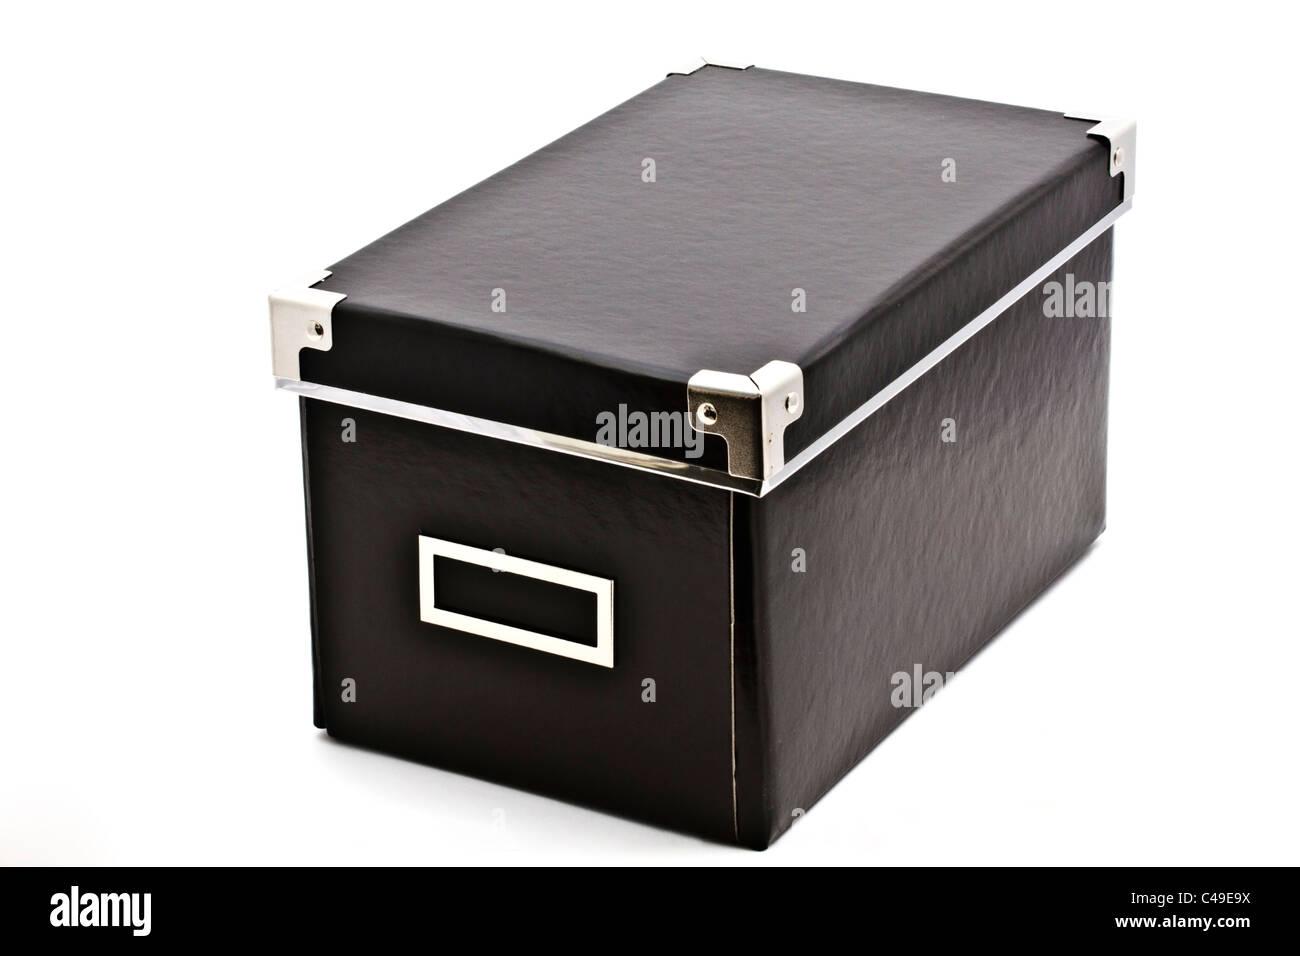 Black box close up on white background - Stock Image